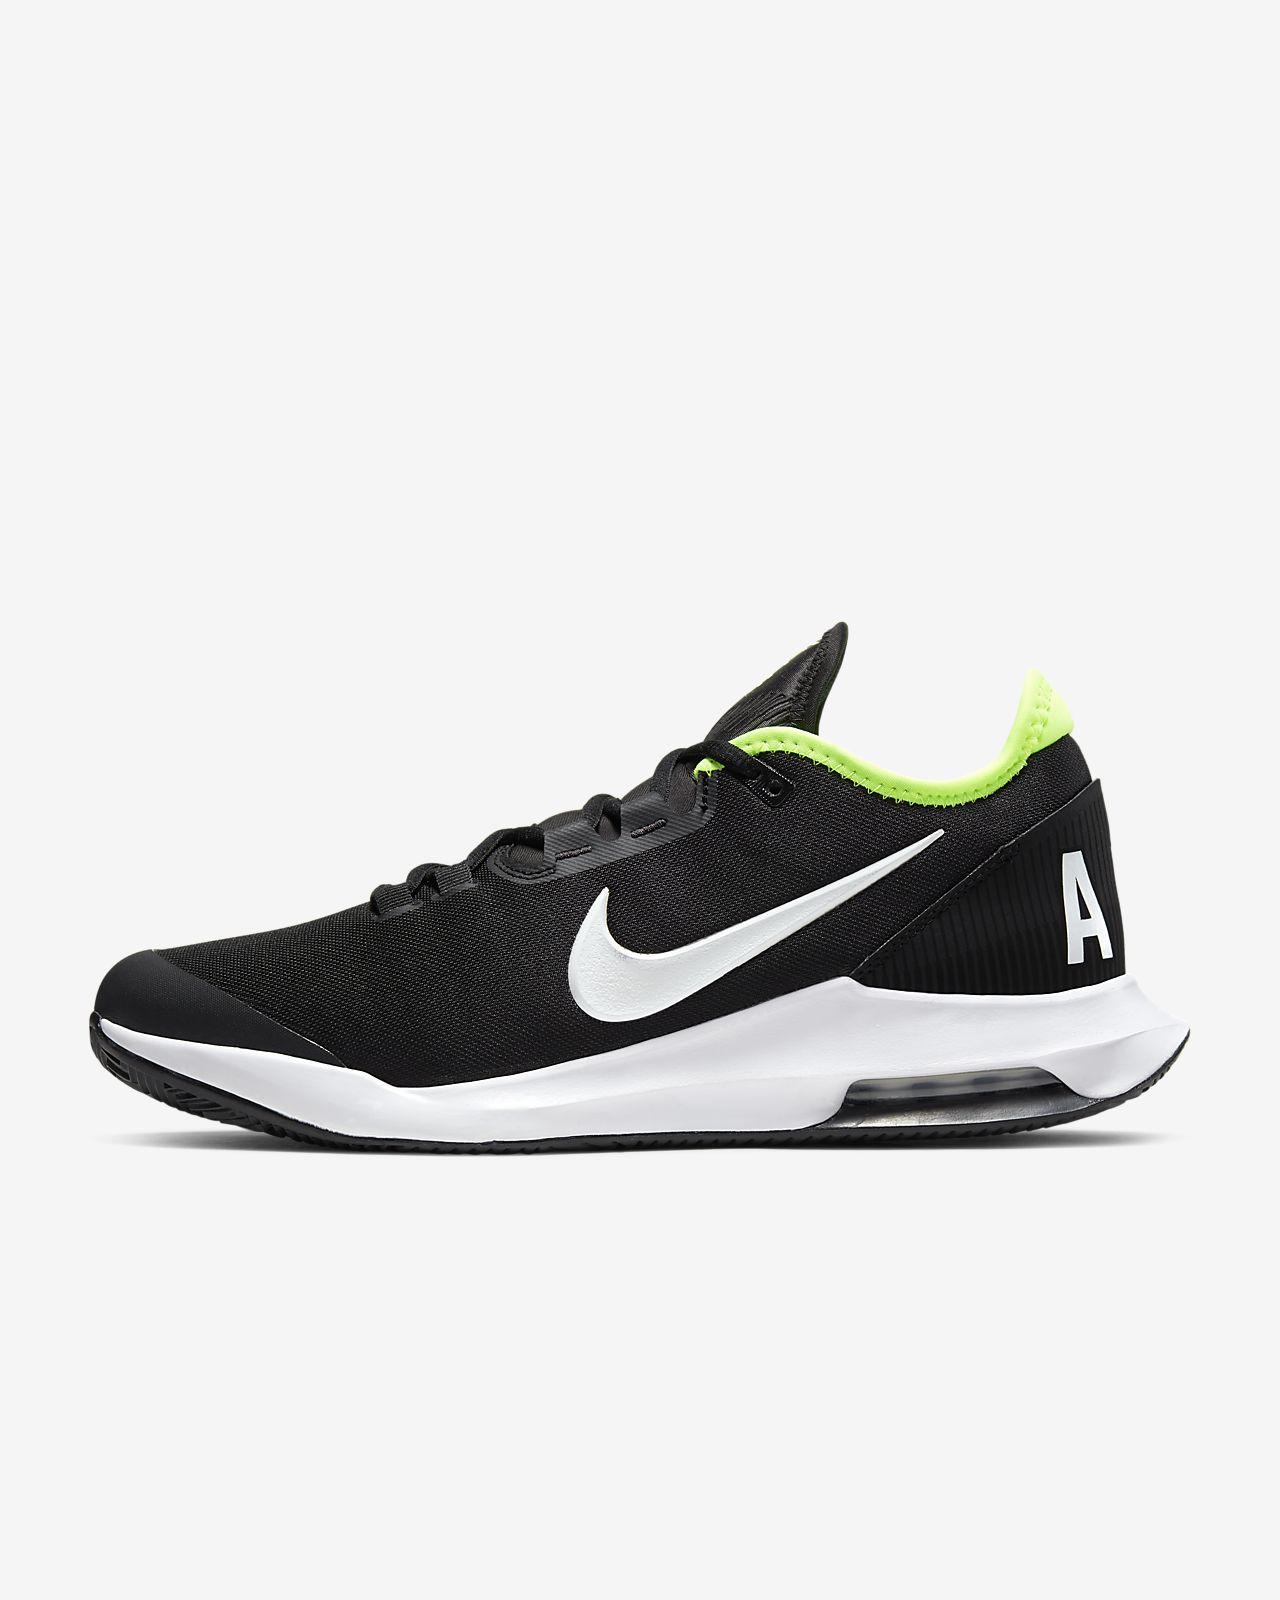 Nike Herren Air Max Wildcard Clay Tennisschuhe: